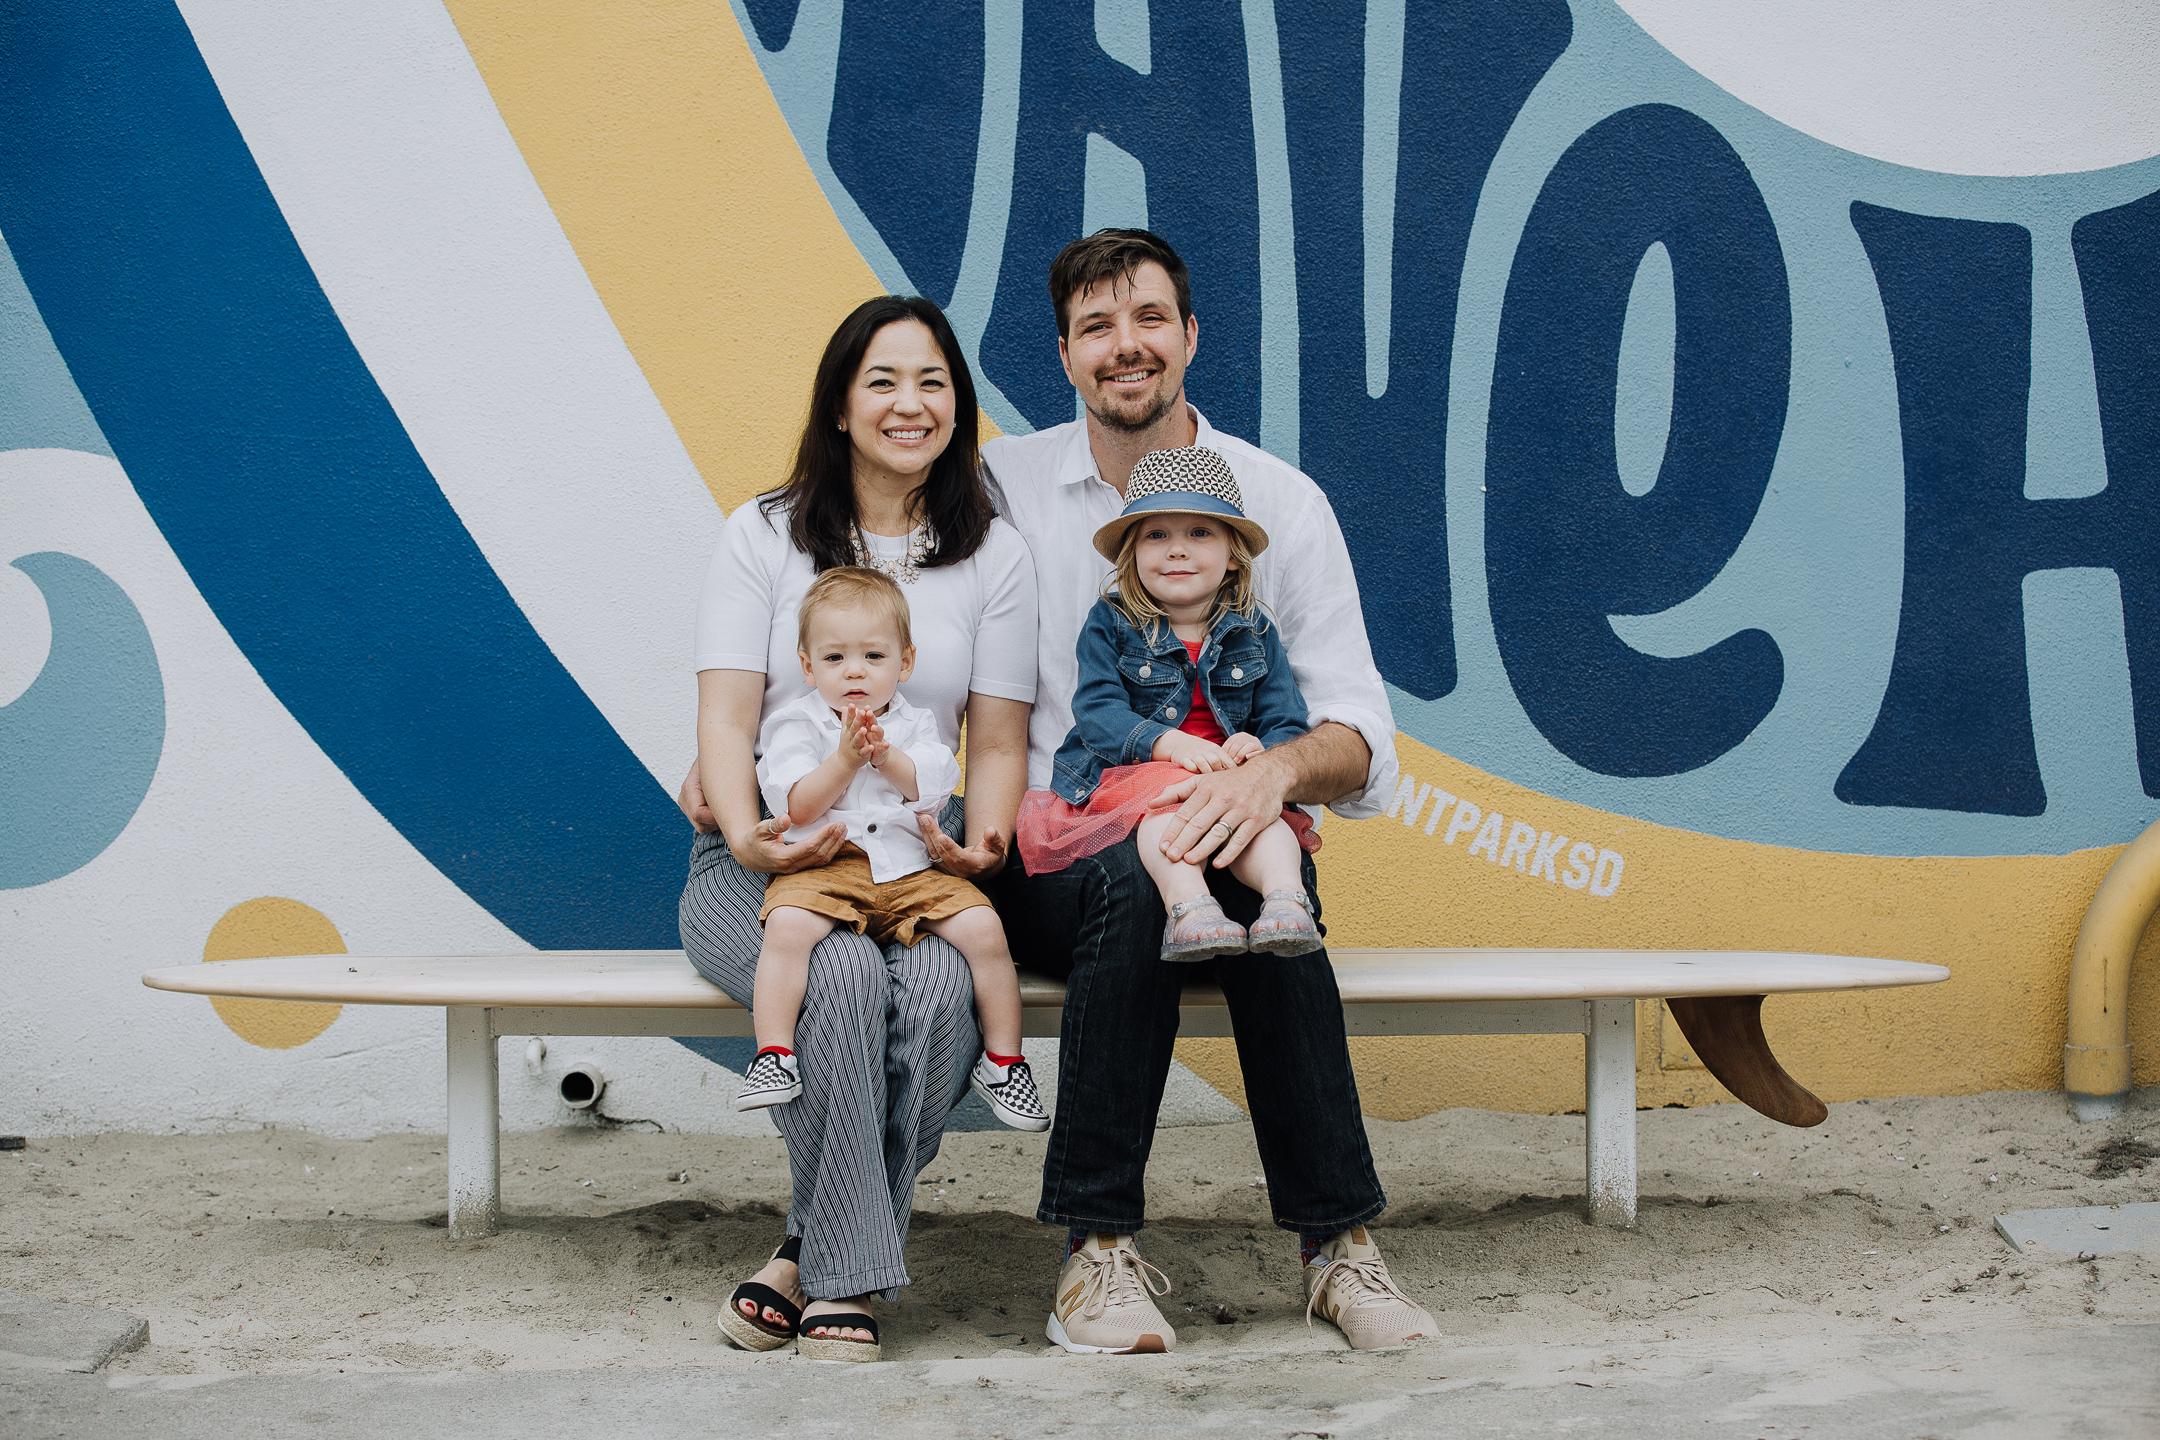 FAMILY photos: Belmont Park, Mission Beach